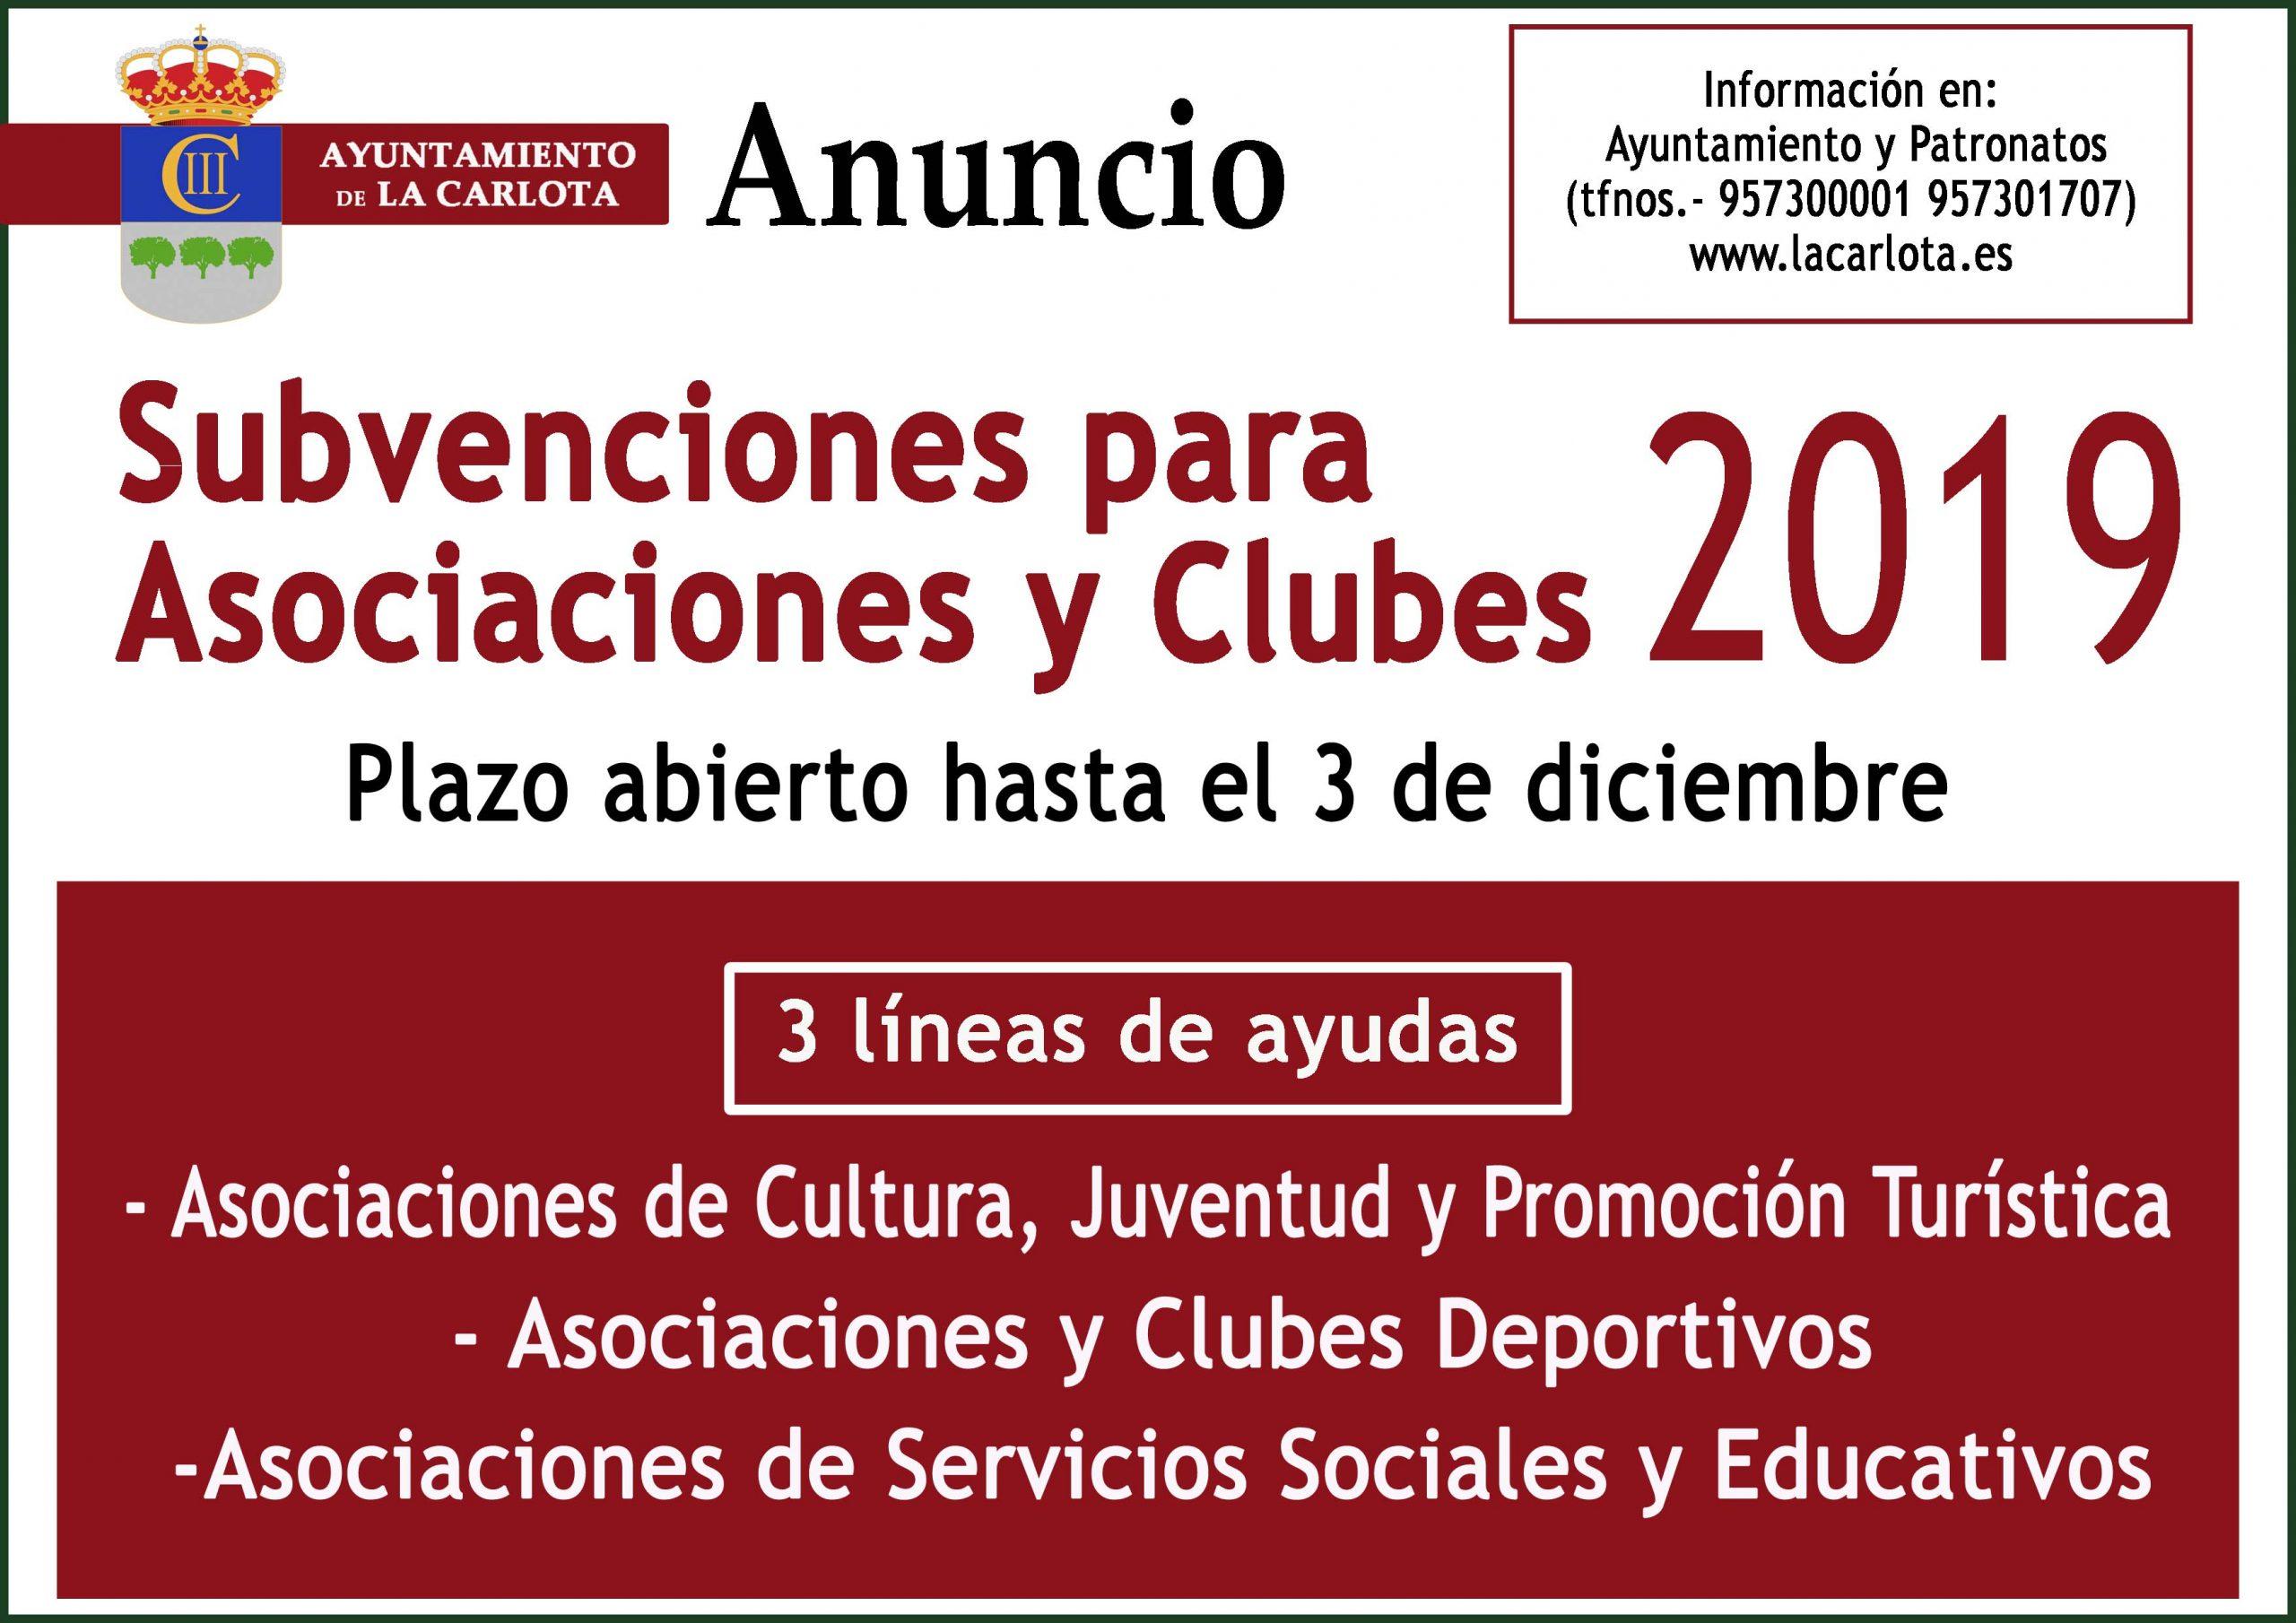 Subvenciones a asociaciones y clubes 2019 1